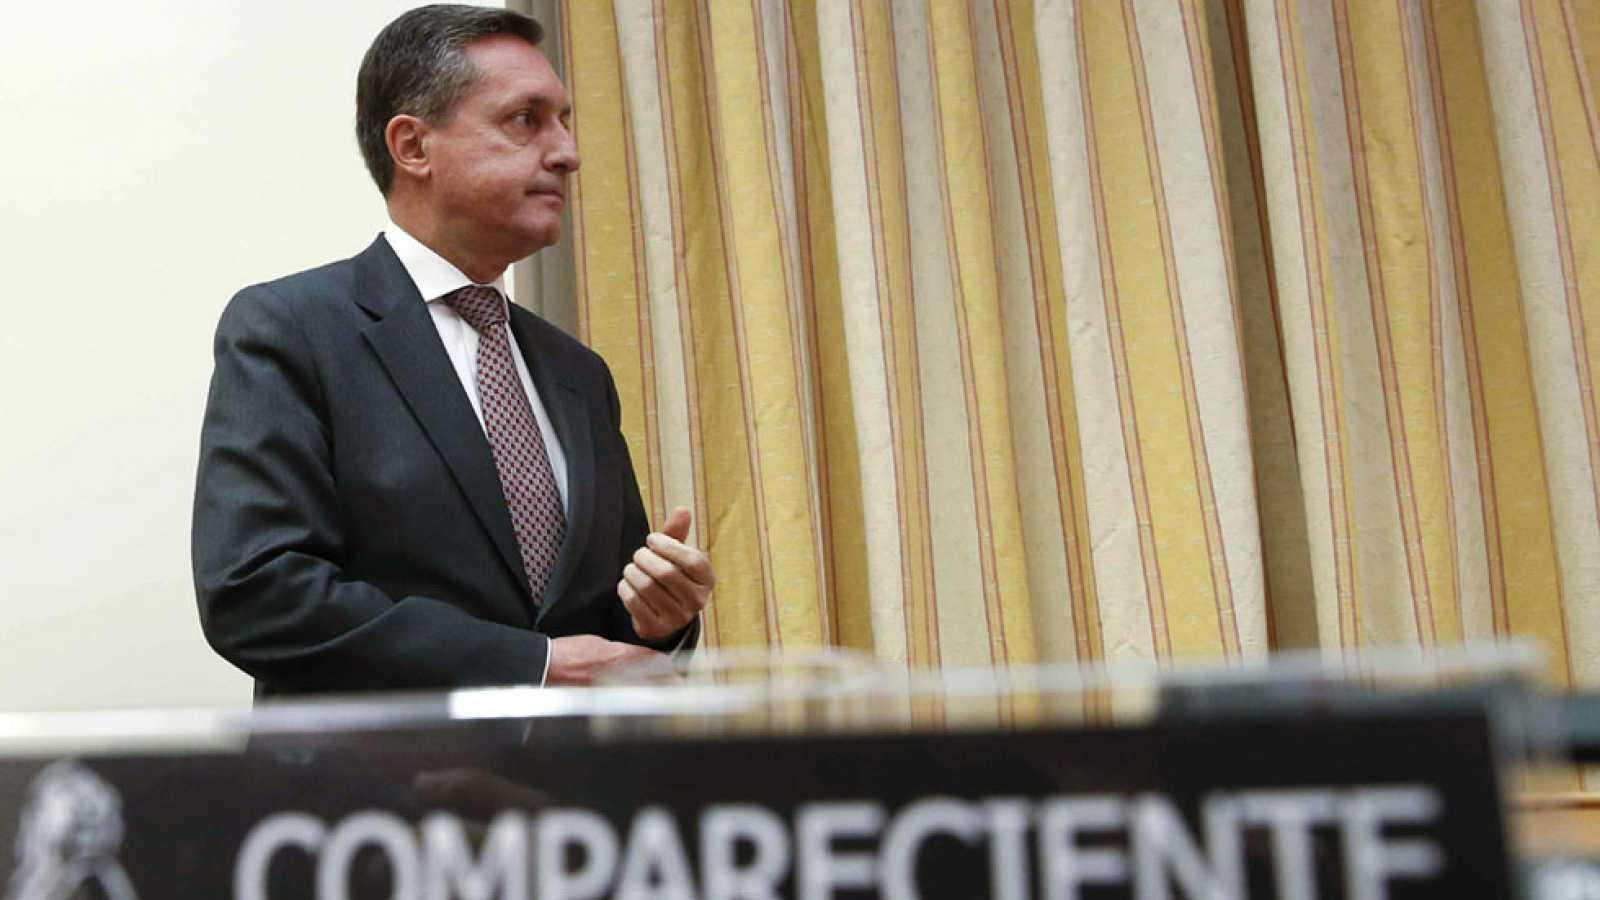 Menéndez no revela datos de Rato, pero defiende la actuación de la Agencia Tributaria en el caso